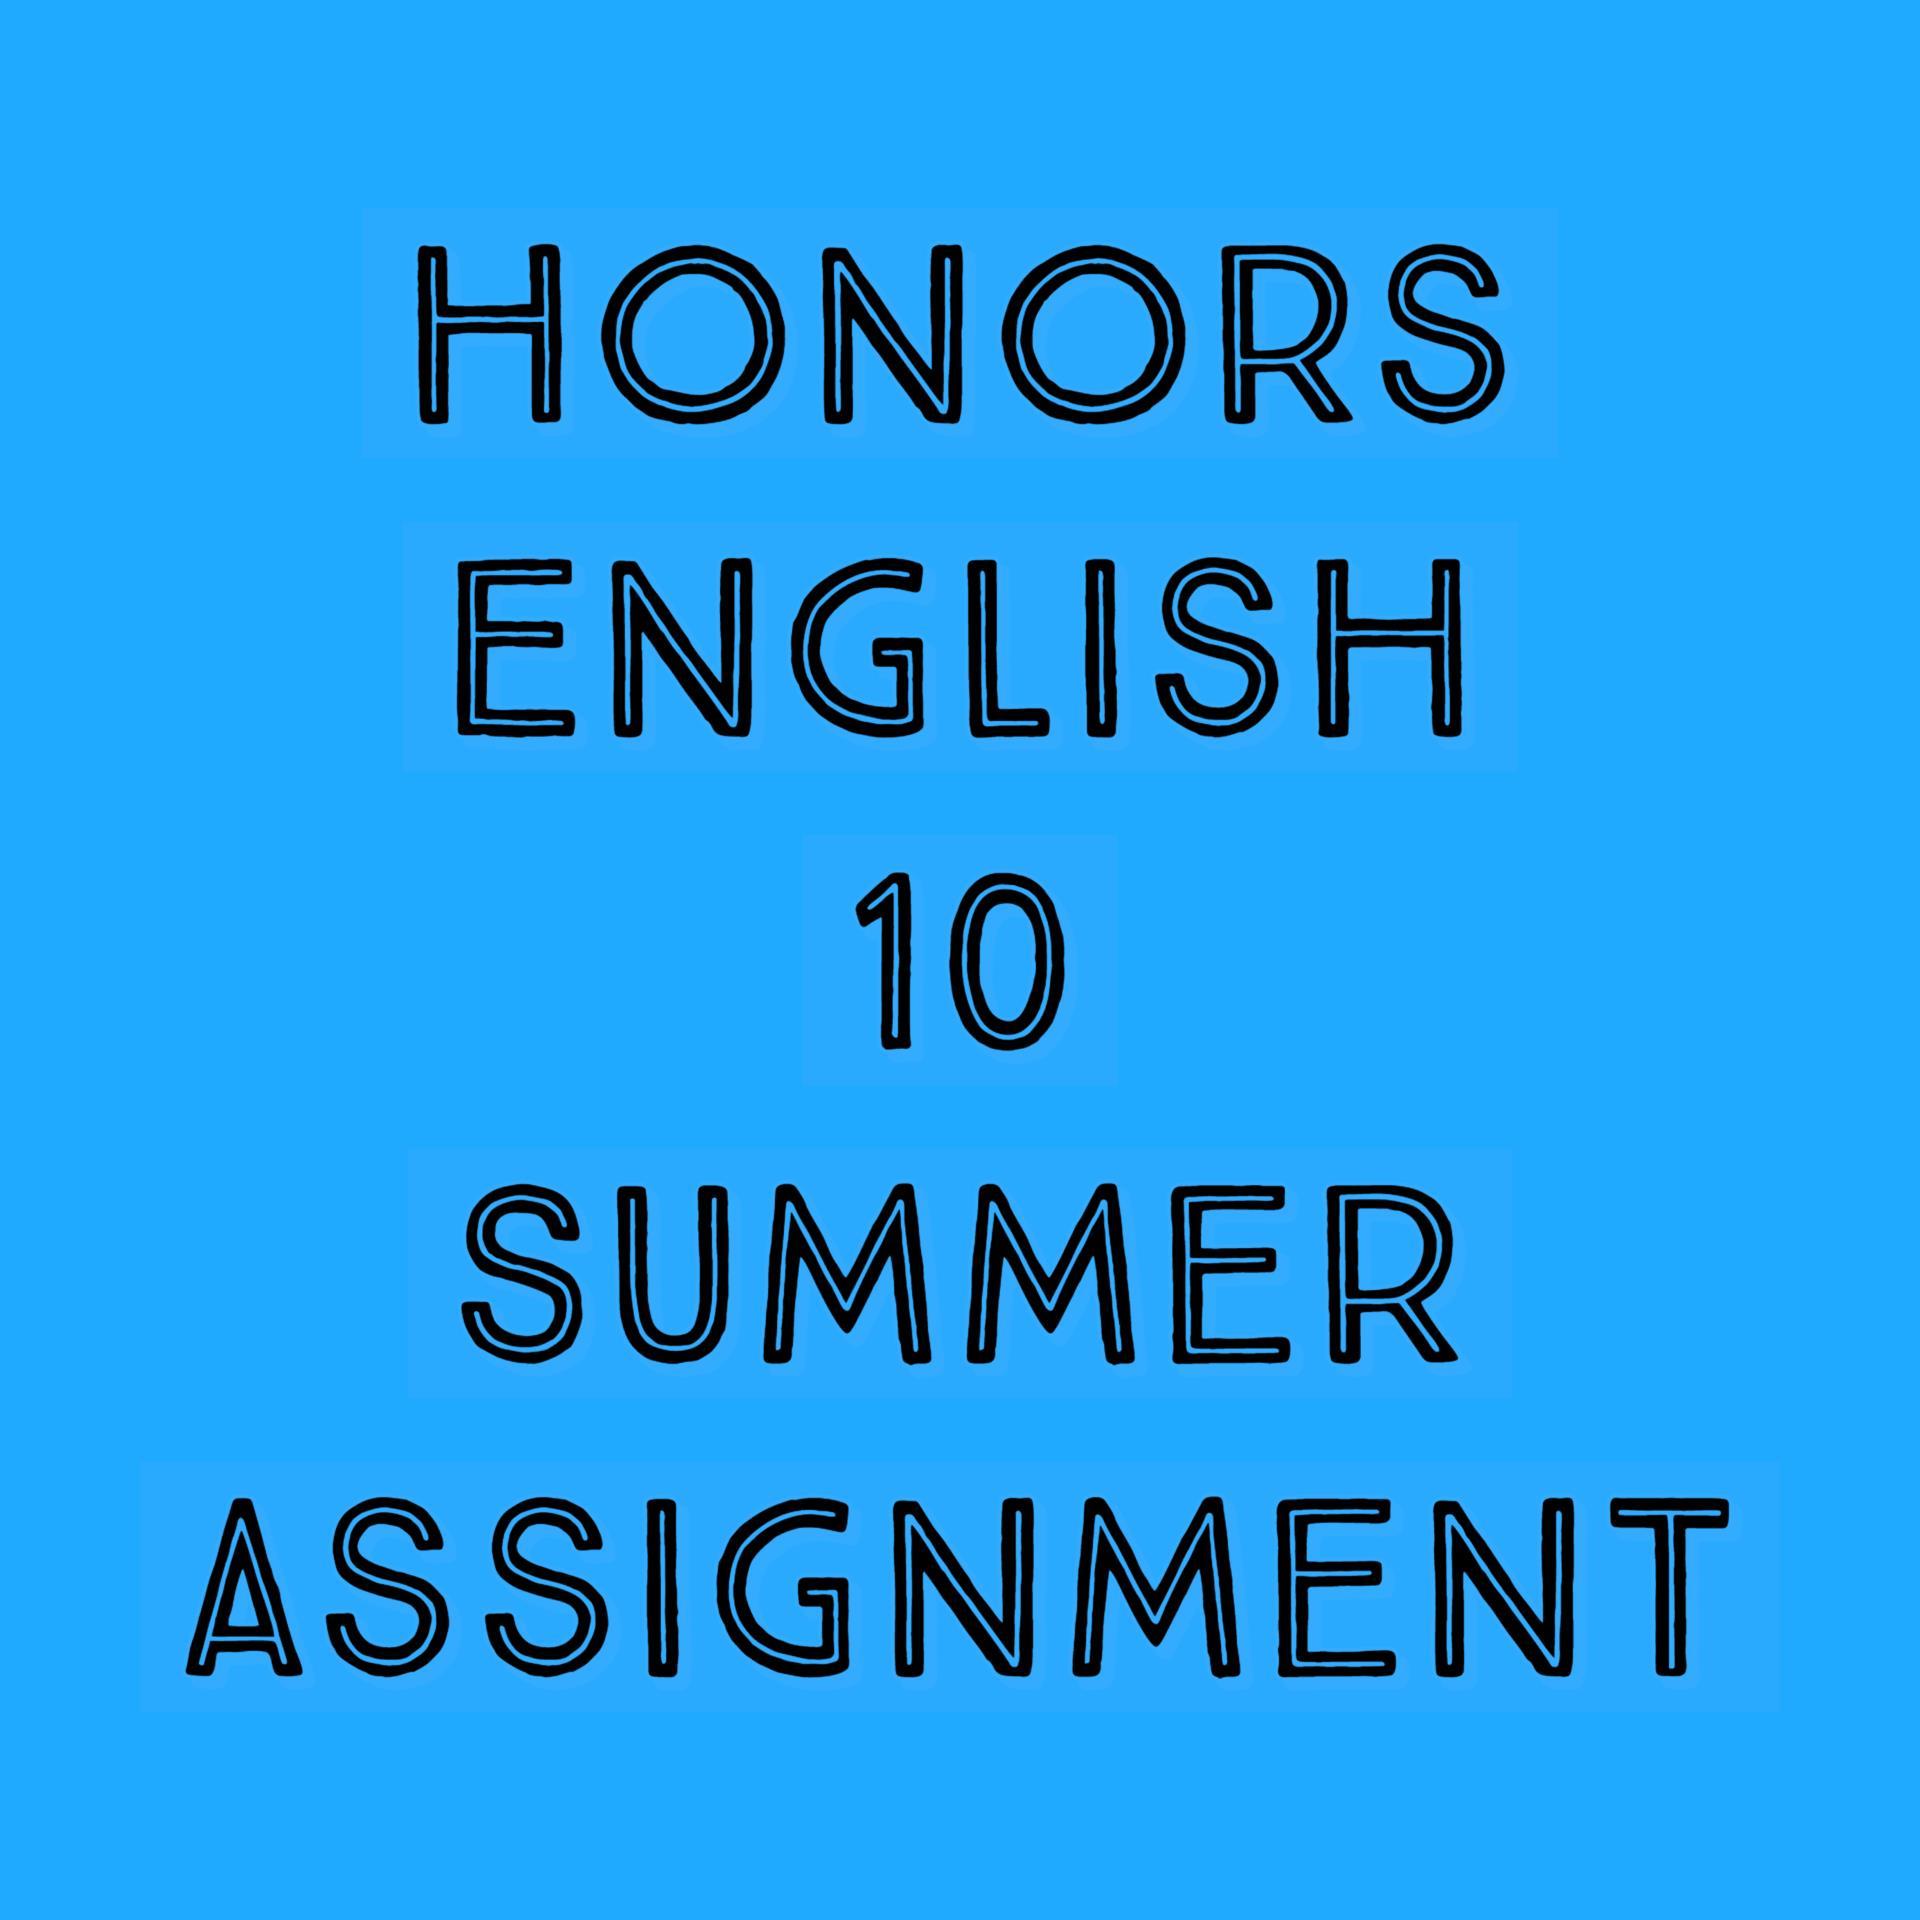 HONORS ENGLISH 10